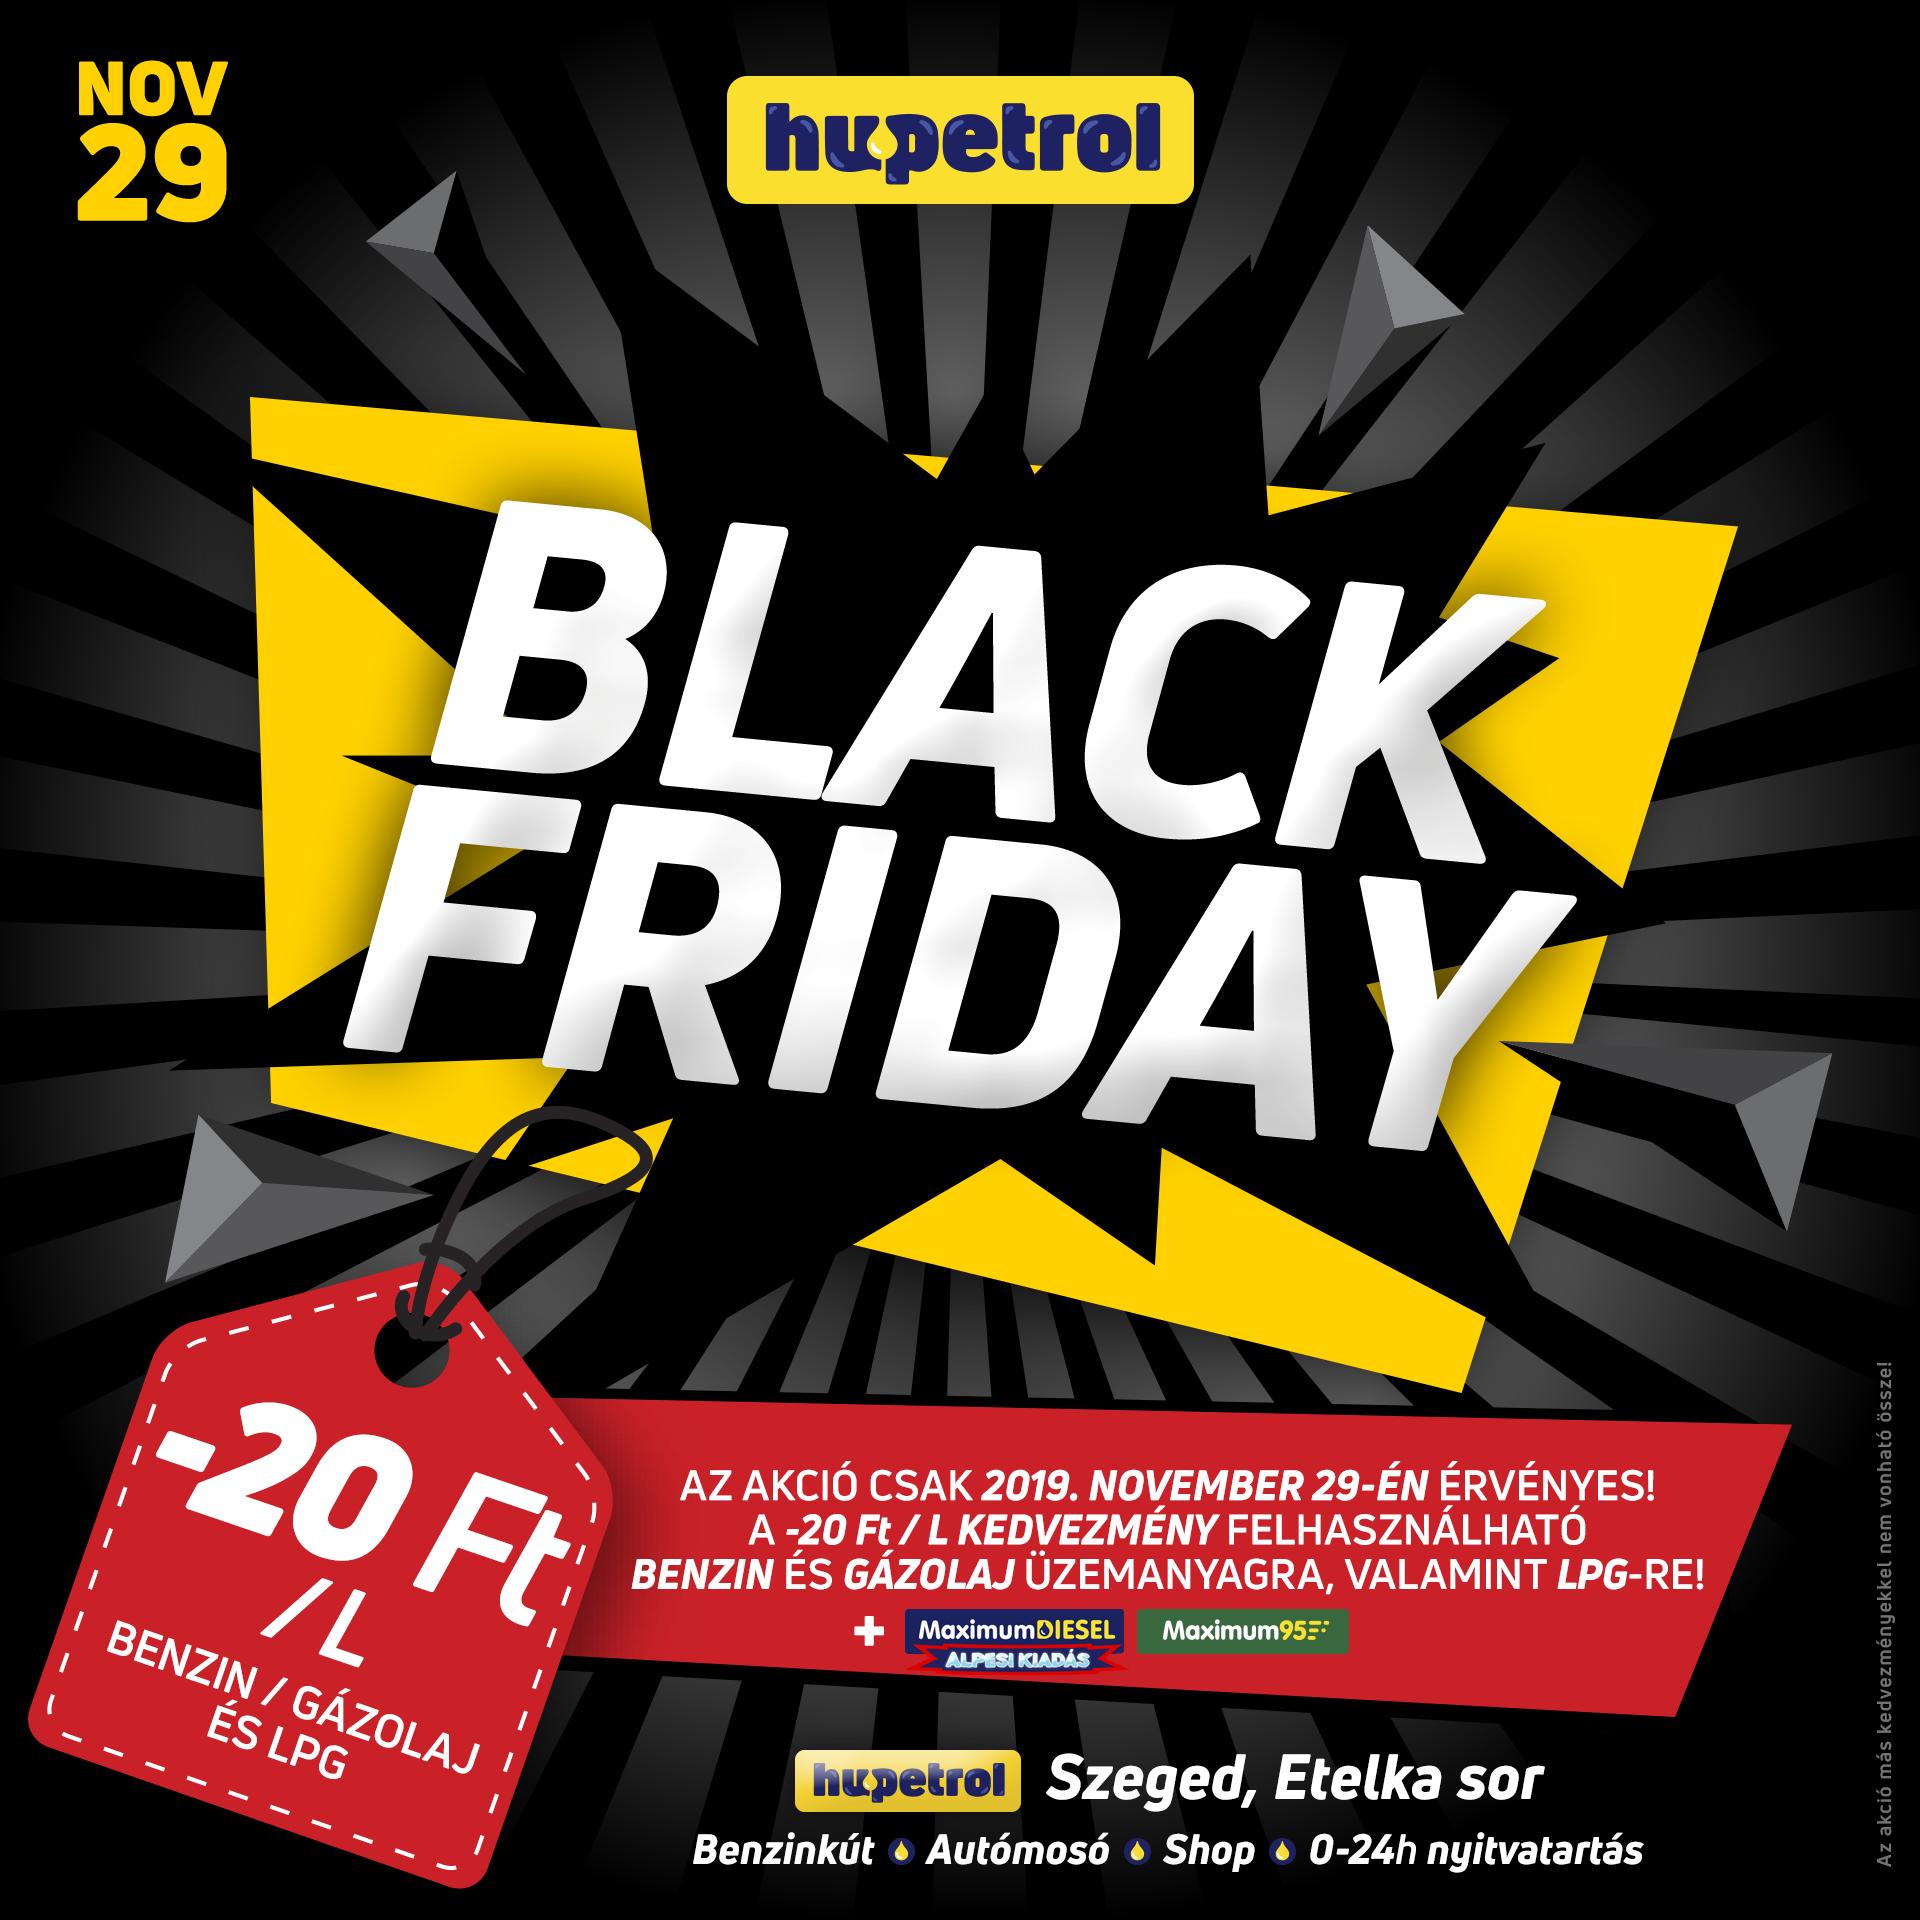 Black Friday csak november 29-én! 20 Ft engedmény az összes üzemanyagra!